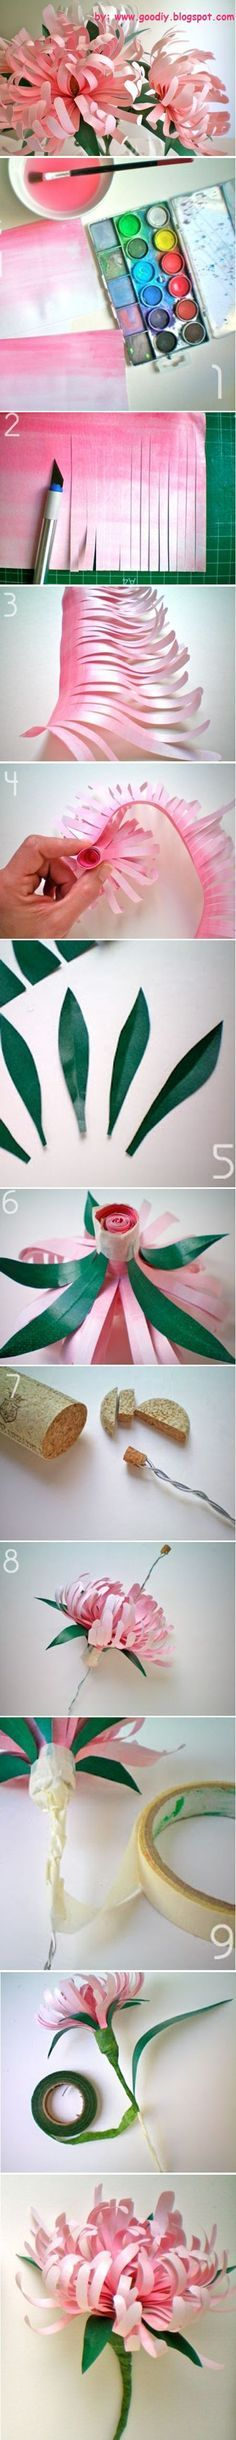 DIY - Paper Flowers